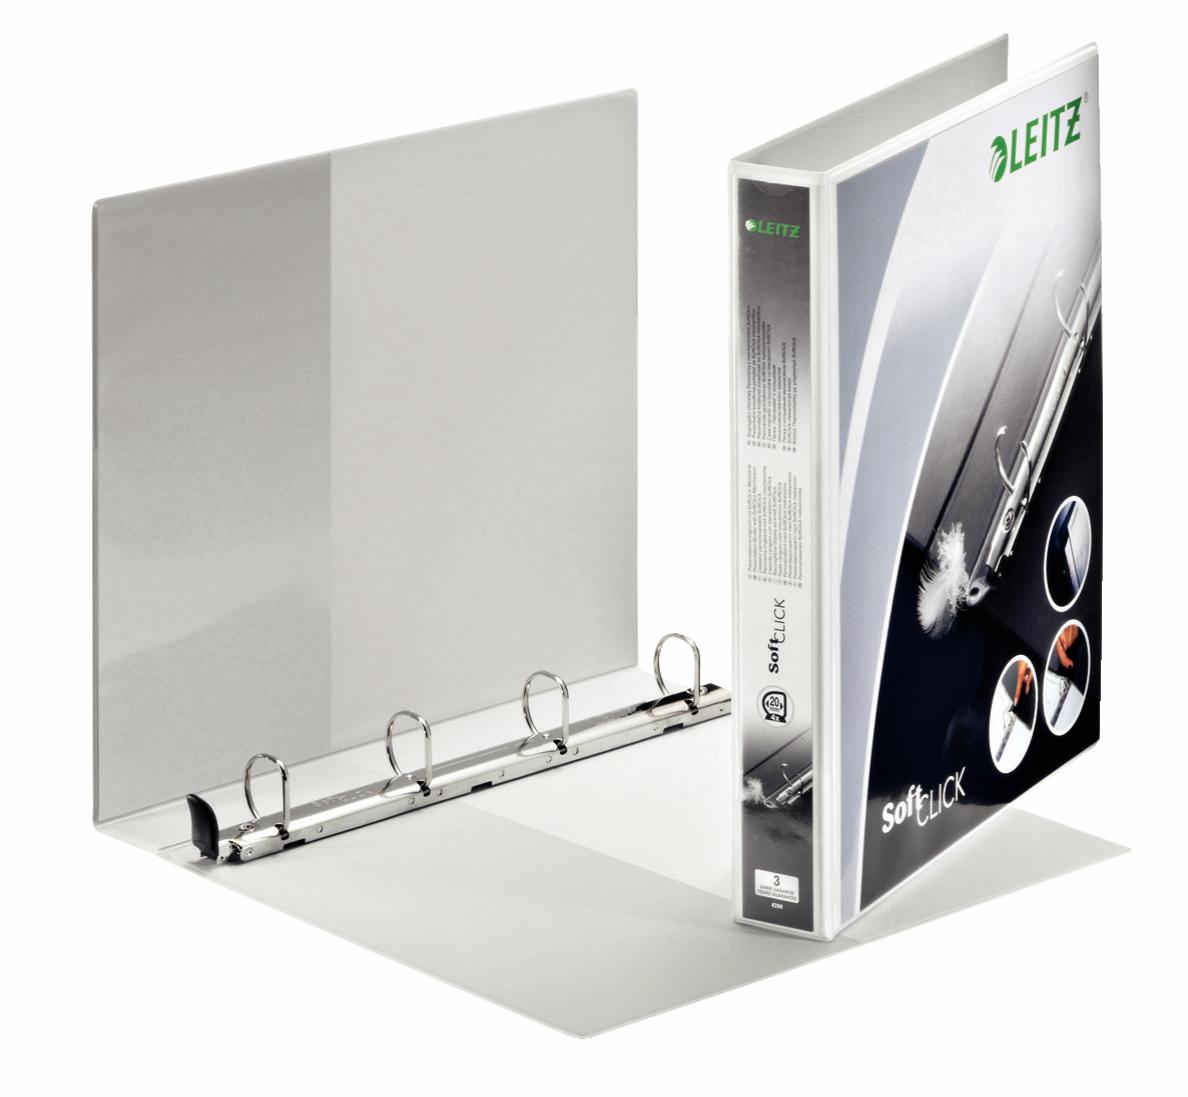 Leitz Prem SoftClick Pres Binder A4 4 D-Ring 25mm WH PK6